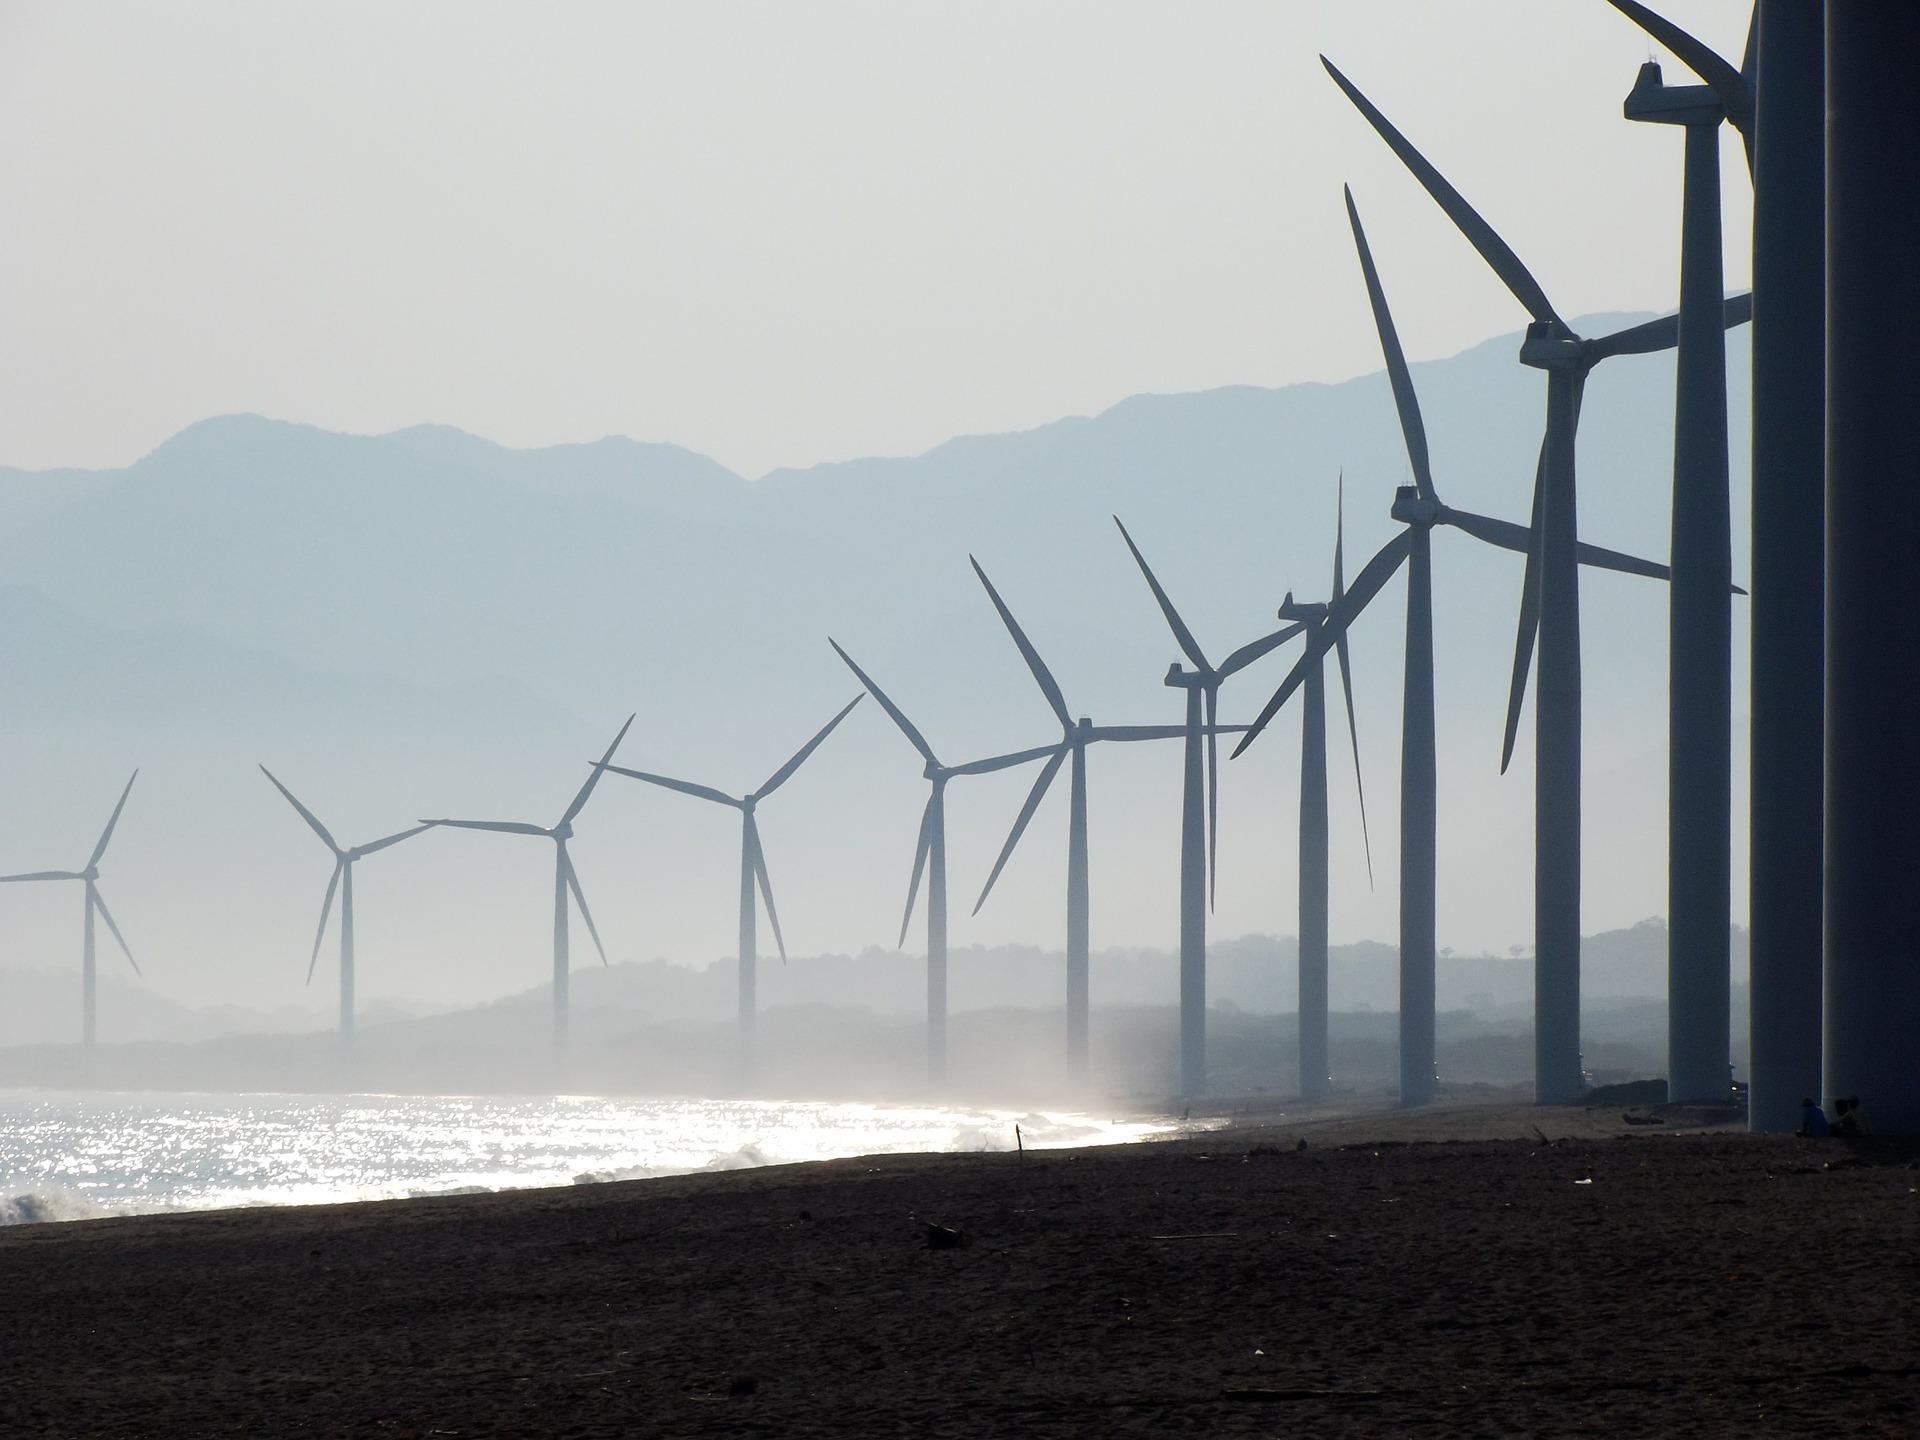 Avantages des sources d'énergie renouvelable